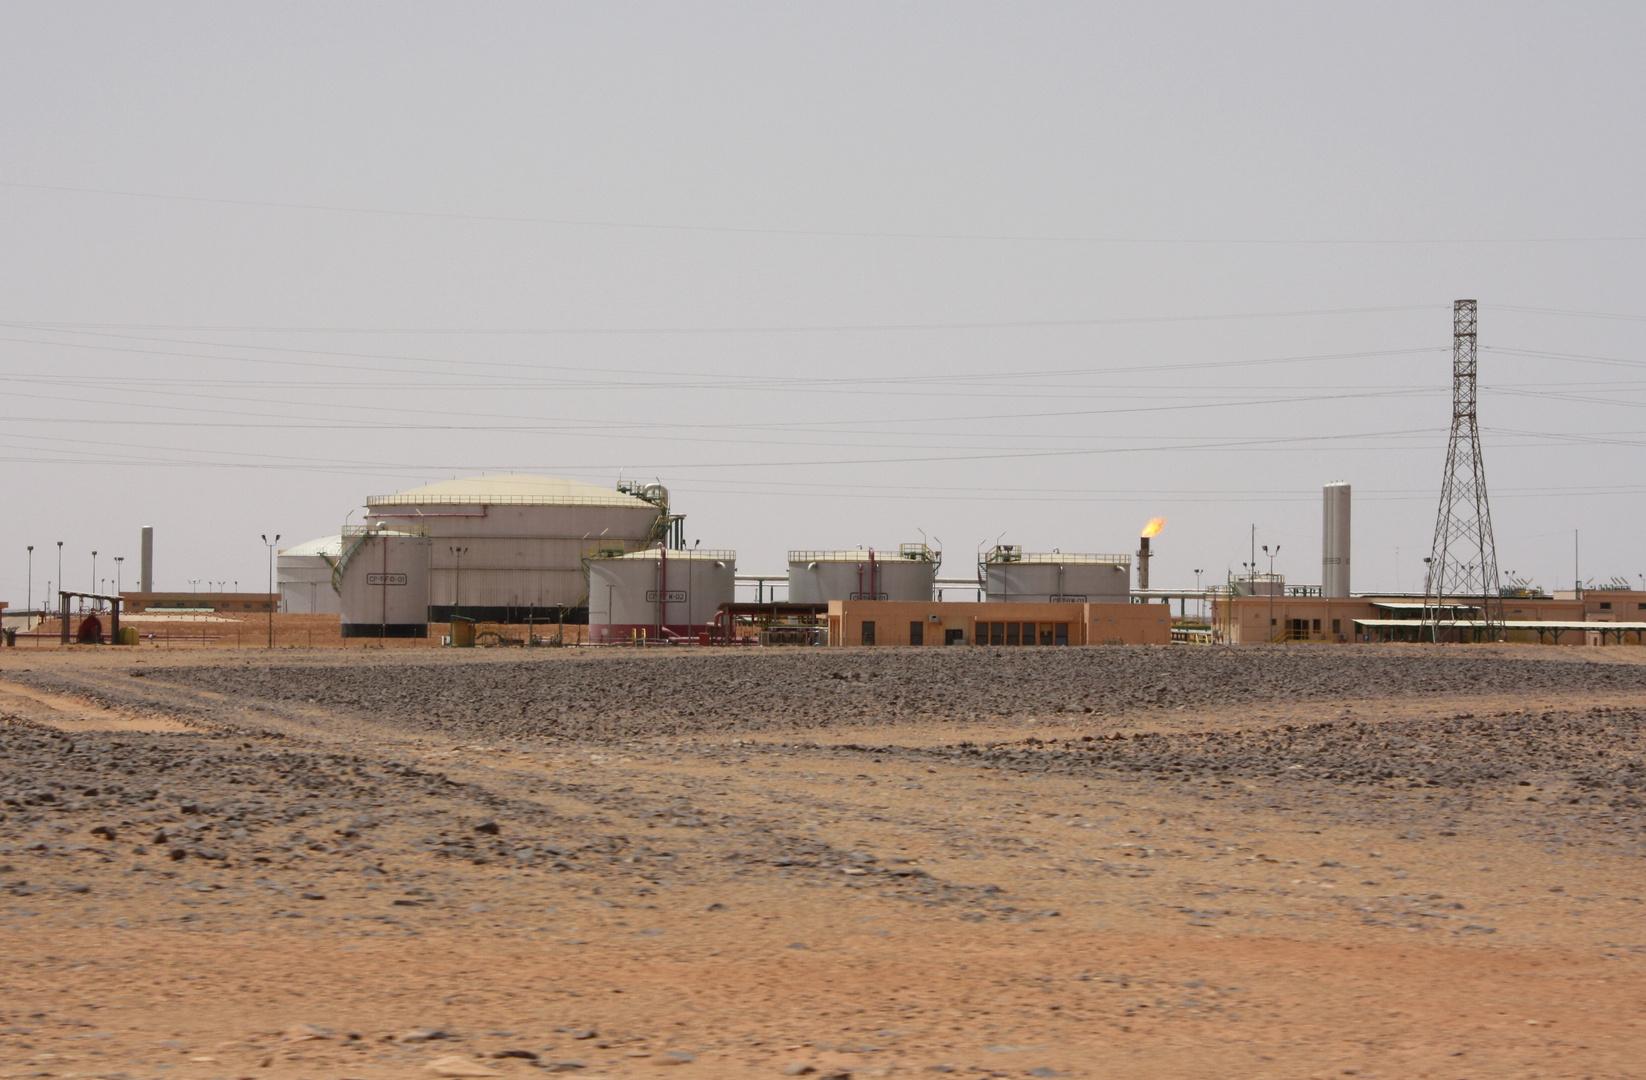 حقل الفيل النفطي قرب مدينة مرزق - أرشيف